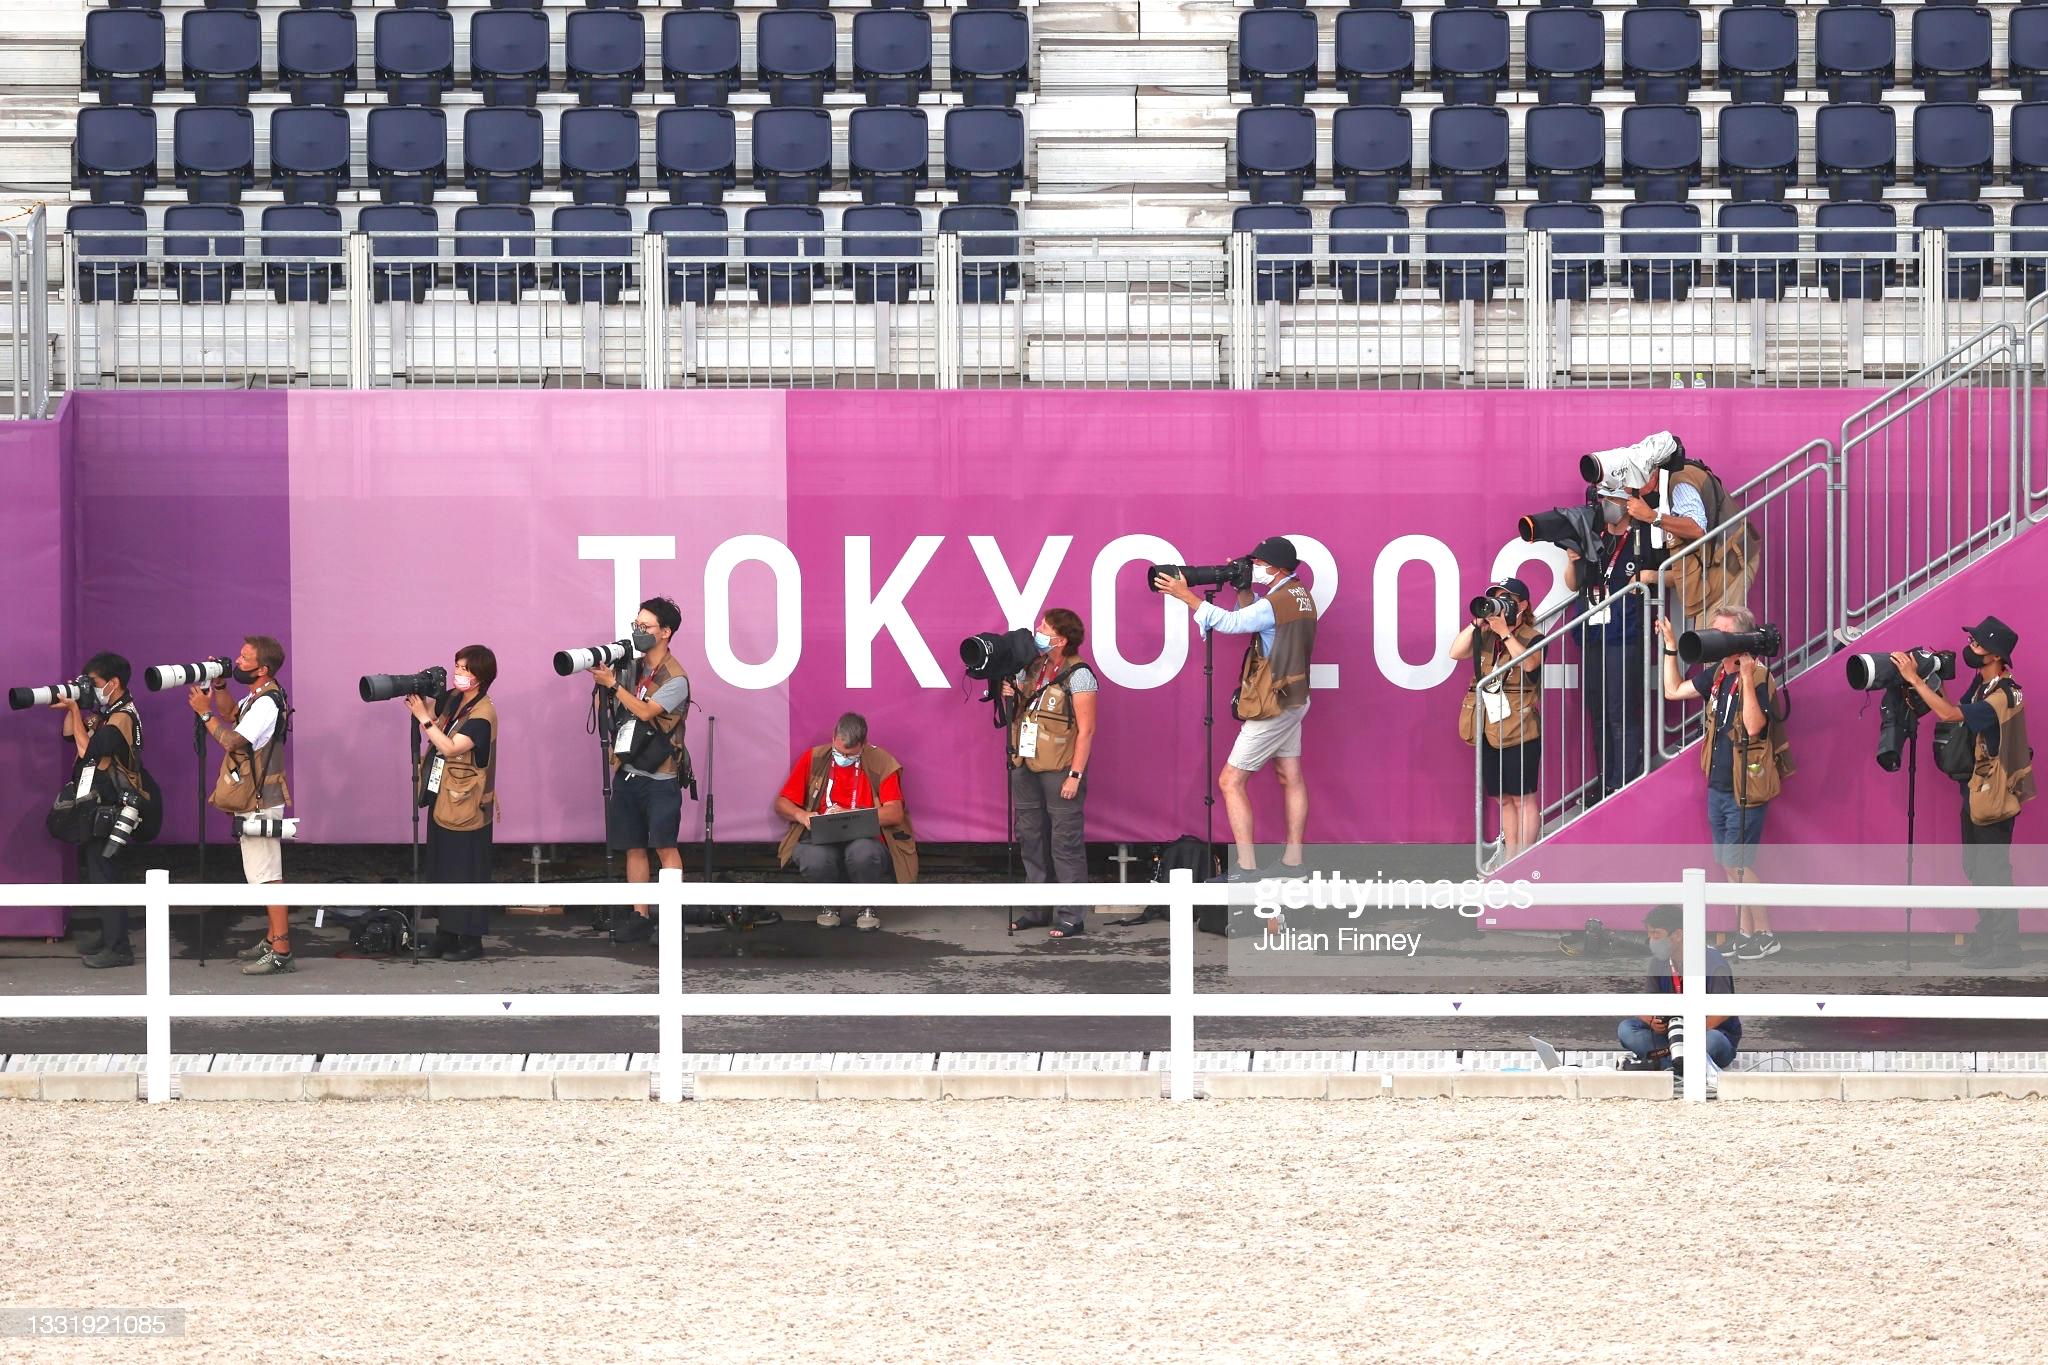 東京2020オリンピック カメラマン 59